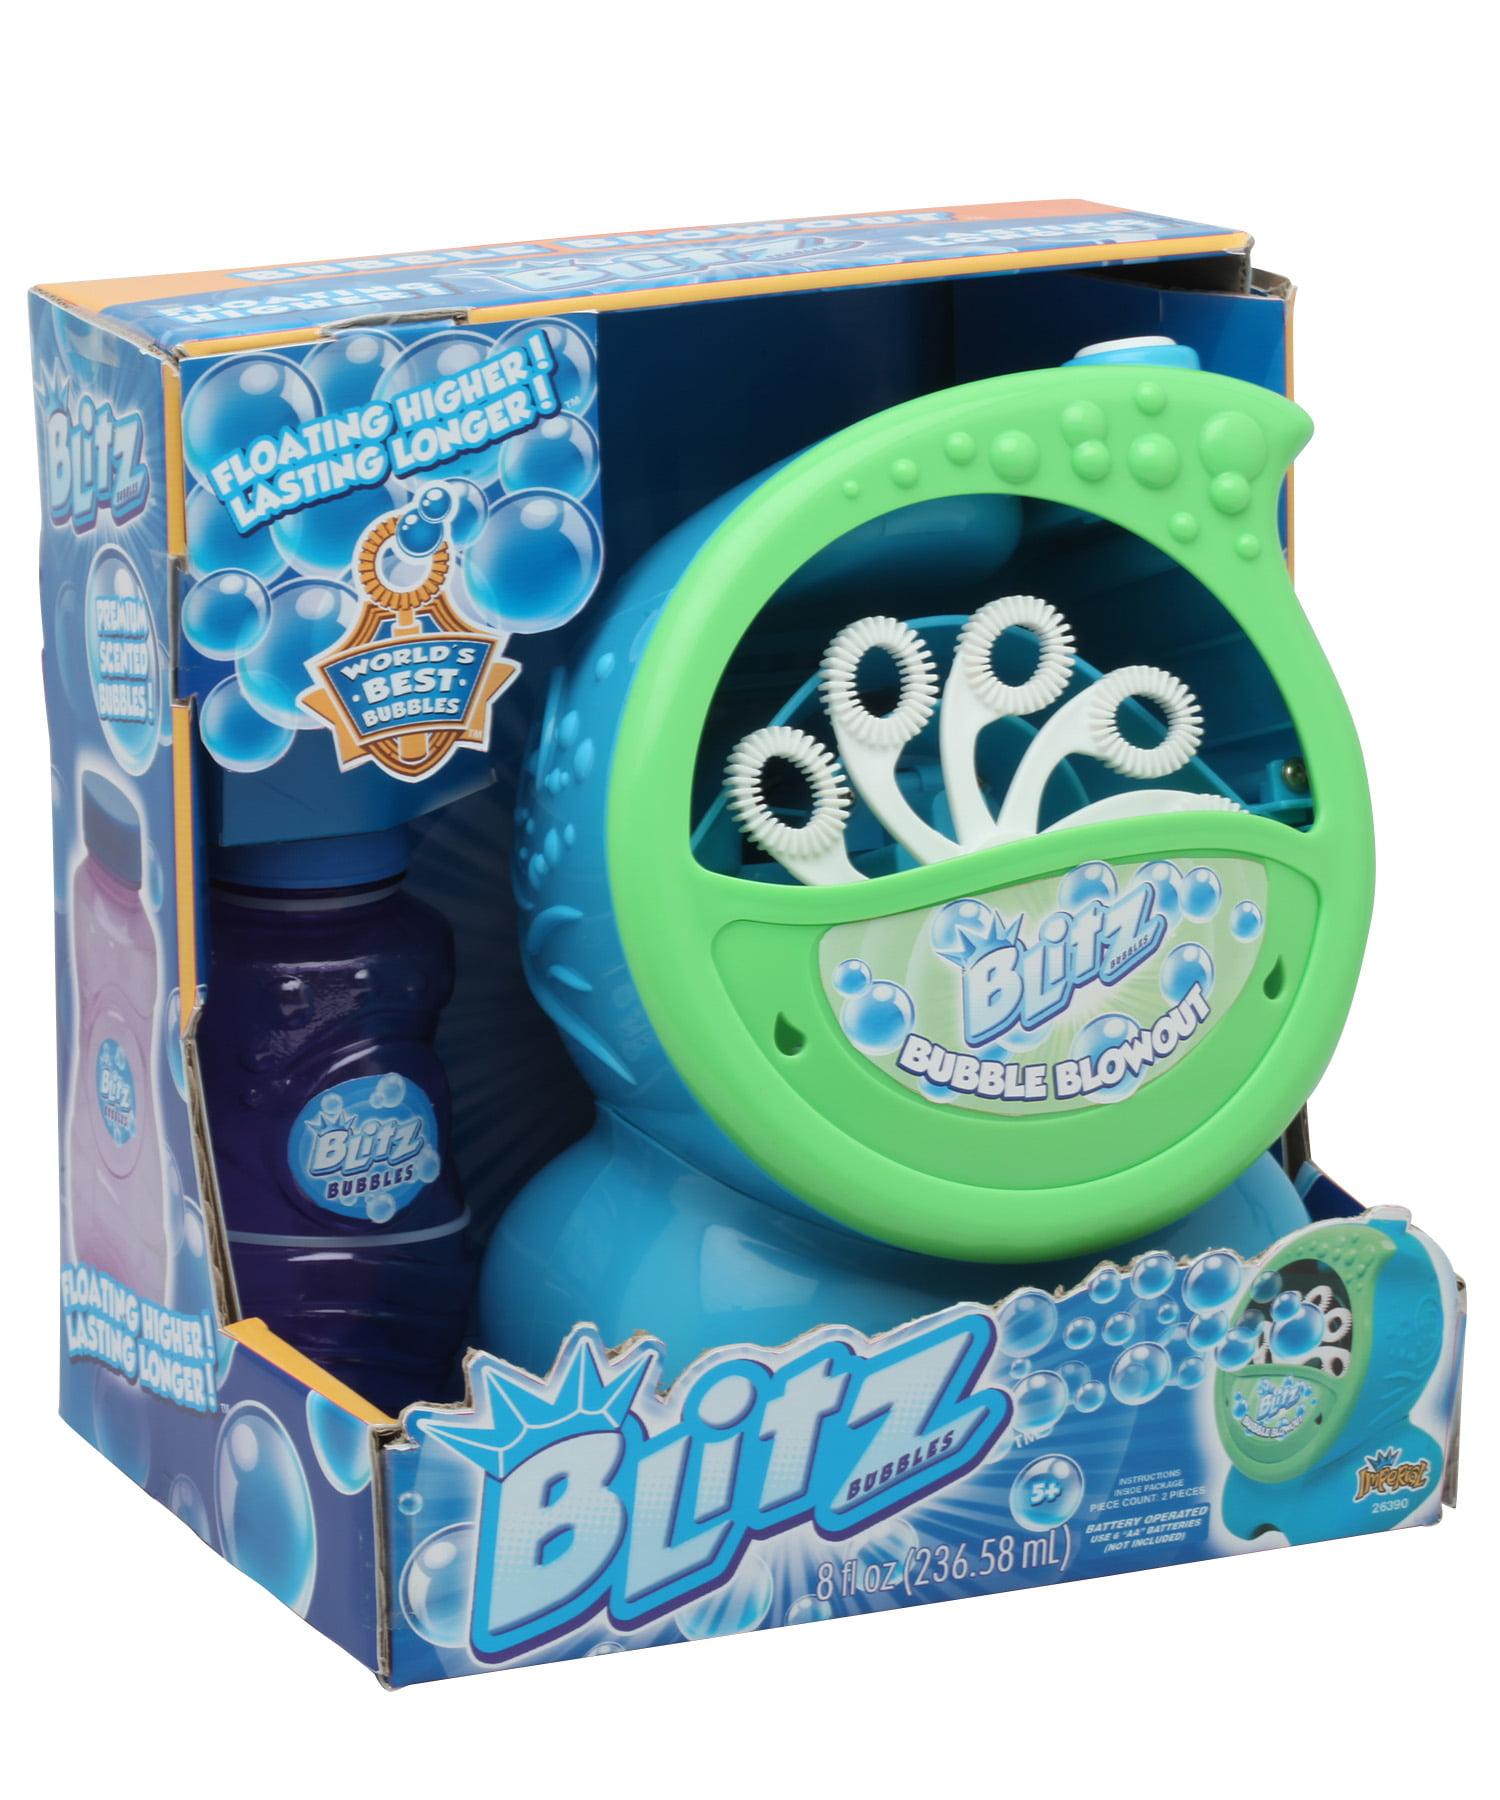 Blitz Bubble Blowout Party Machine Walmartcom